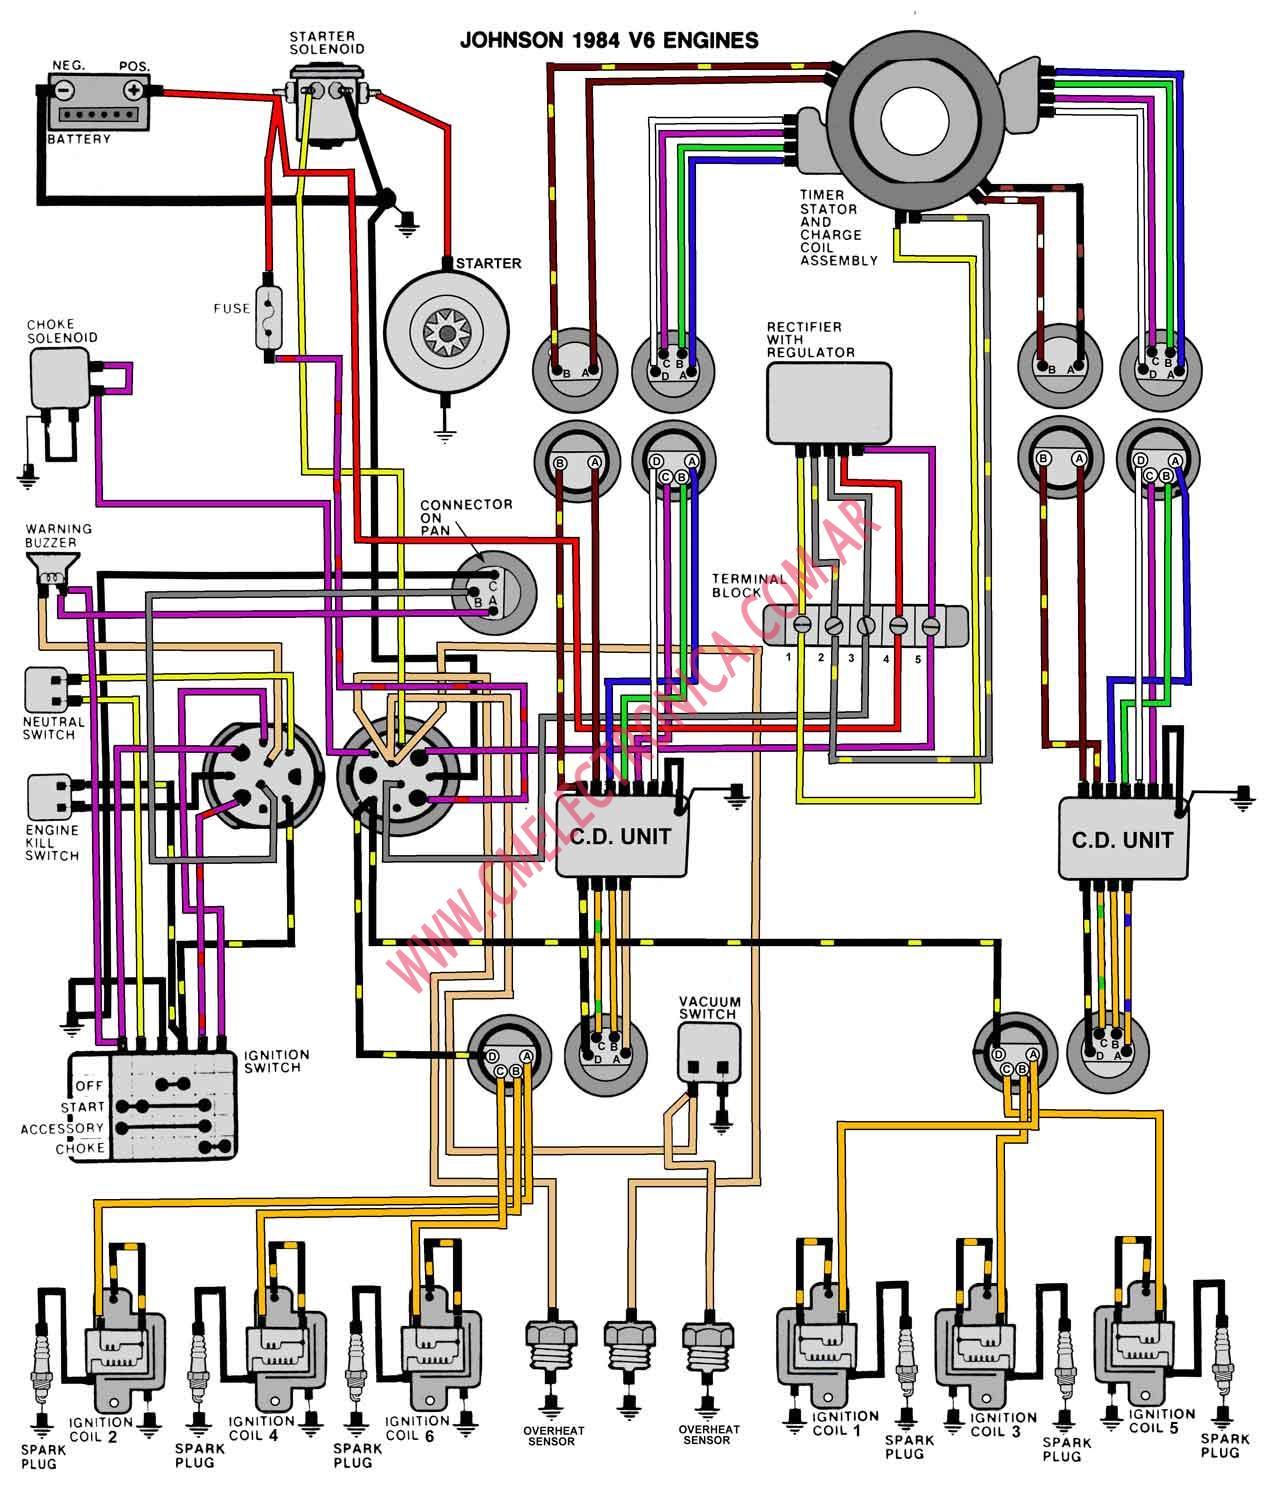 johnson motor wiring diagram wiring diagram golwrg 1757] omc 140 wiring diagram johnson trolling motor wiring diagram johnson motor wiring diagram